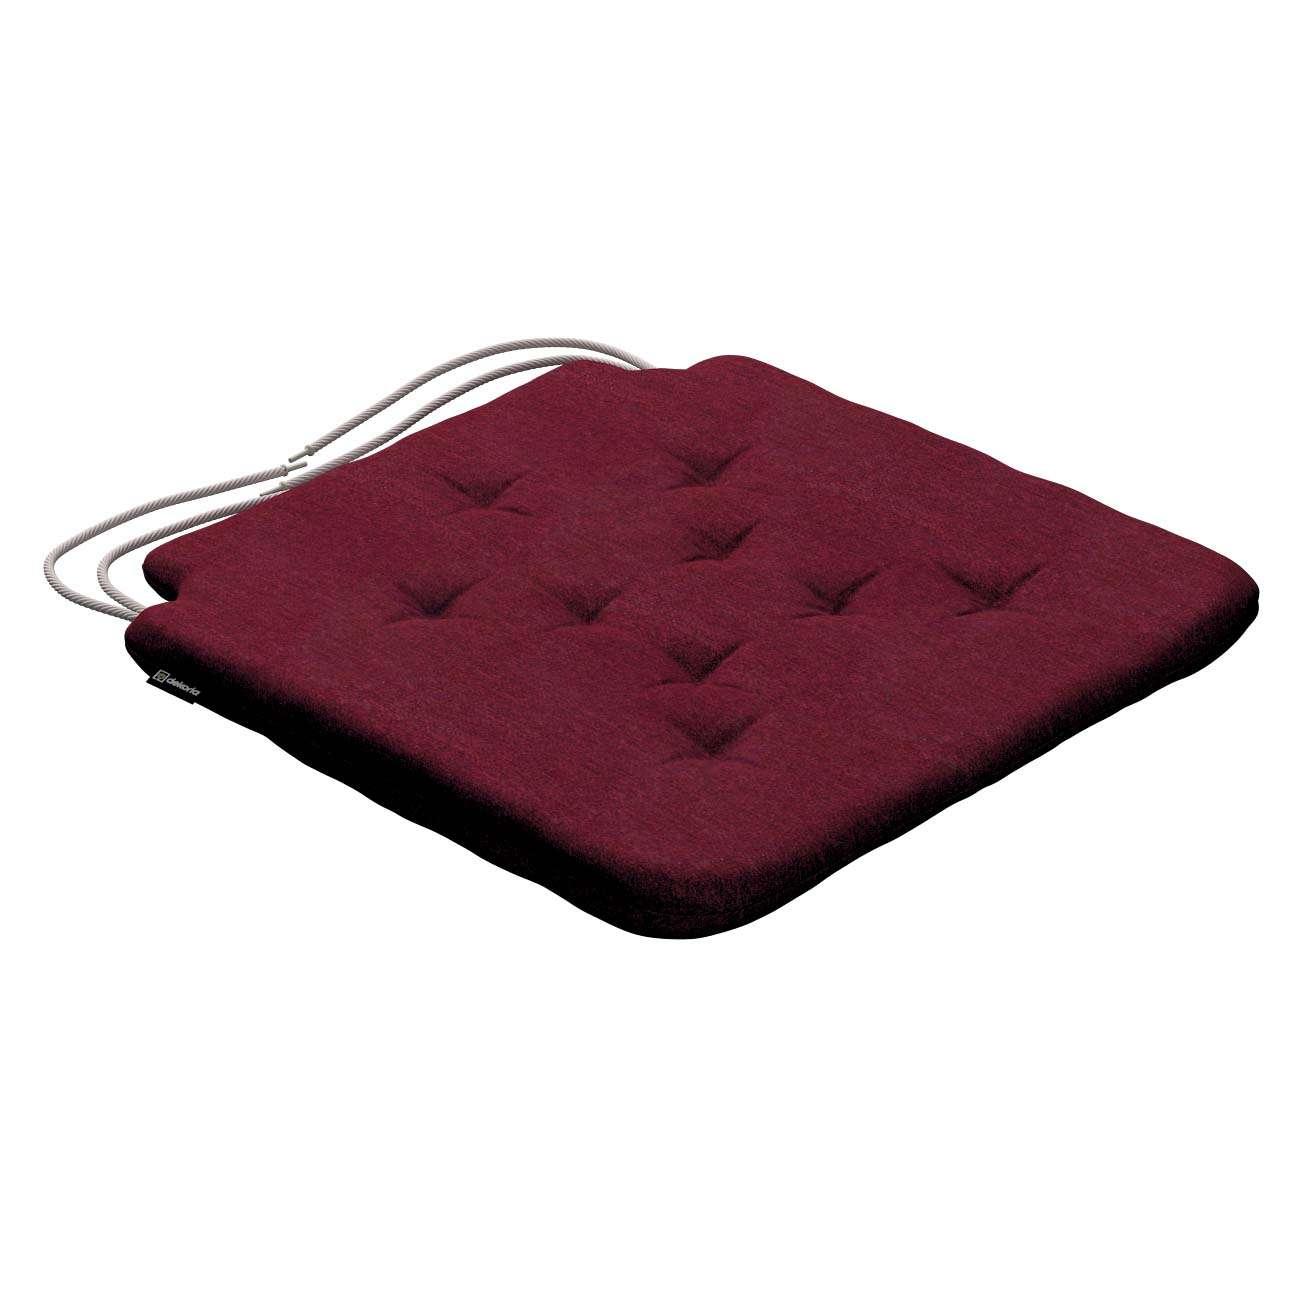 Siedzisko Olek na krzesło 42x41x3,5cm w kolekcji Chenille, tkanina: 702-19